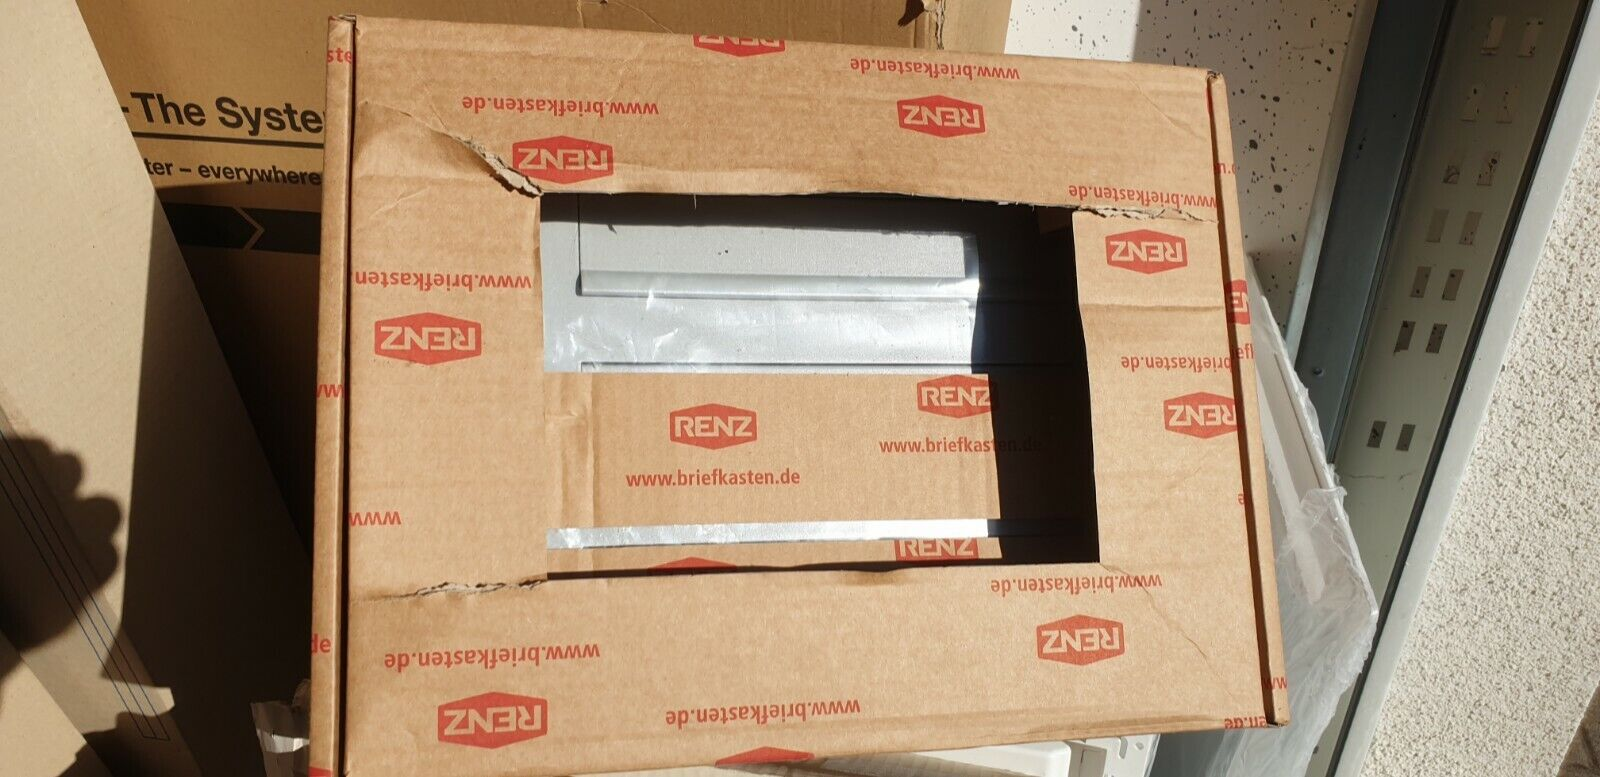 Renz Stahl-Durchwurfbriefkasten 3-fach